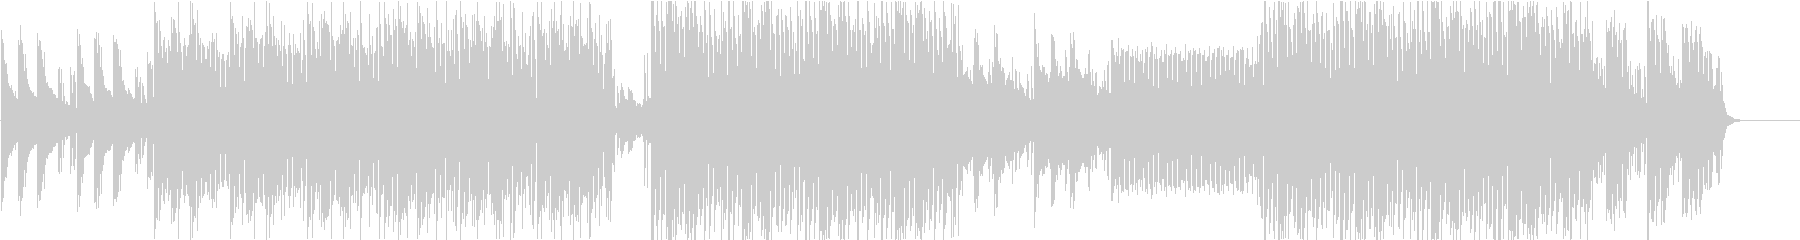 妖しげなマイナー調の4つ打ちエレクトロの未再生の波形